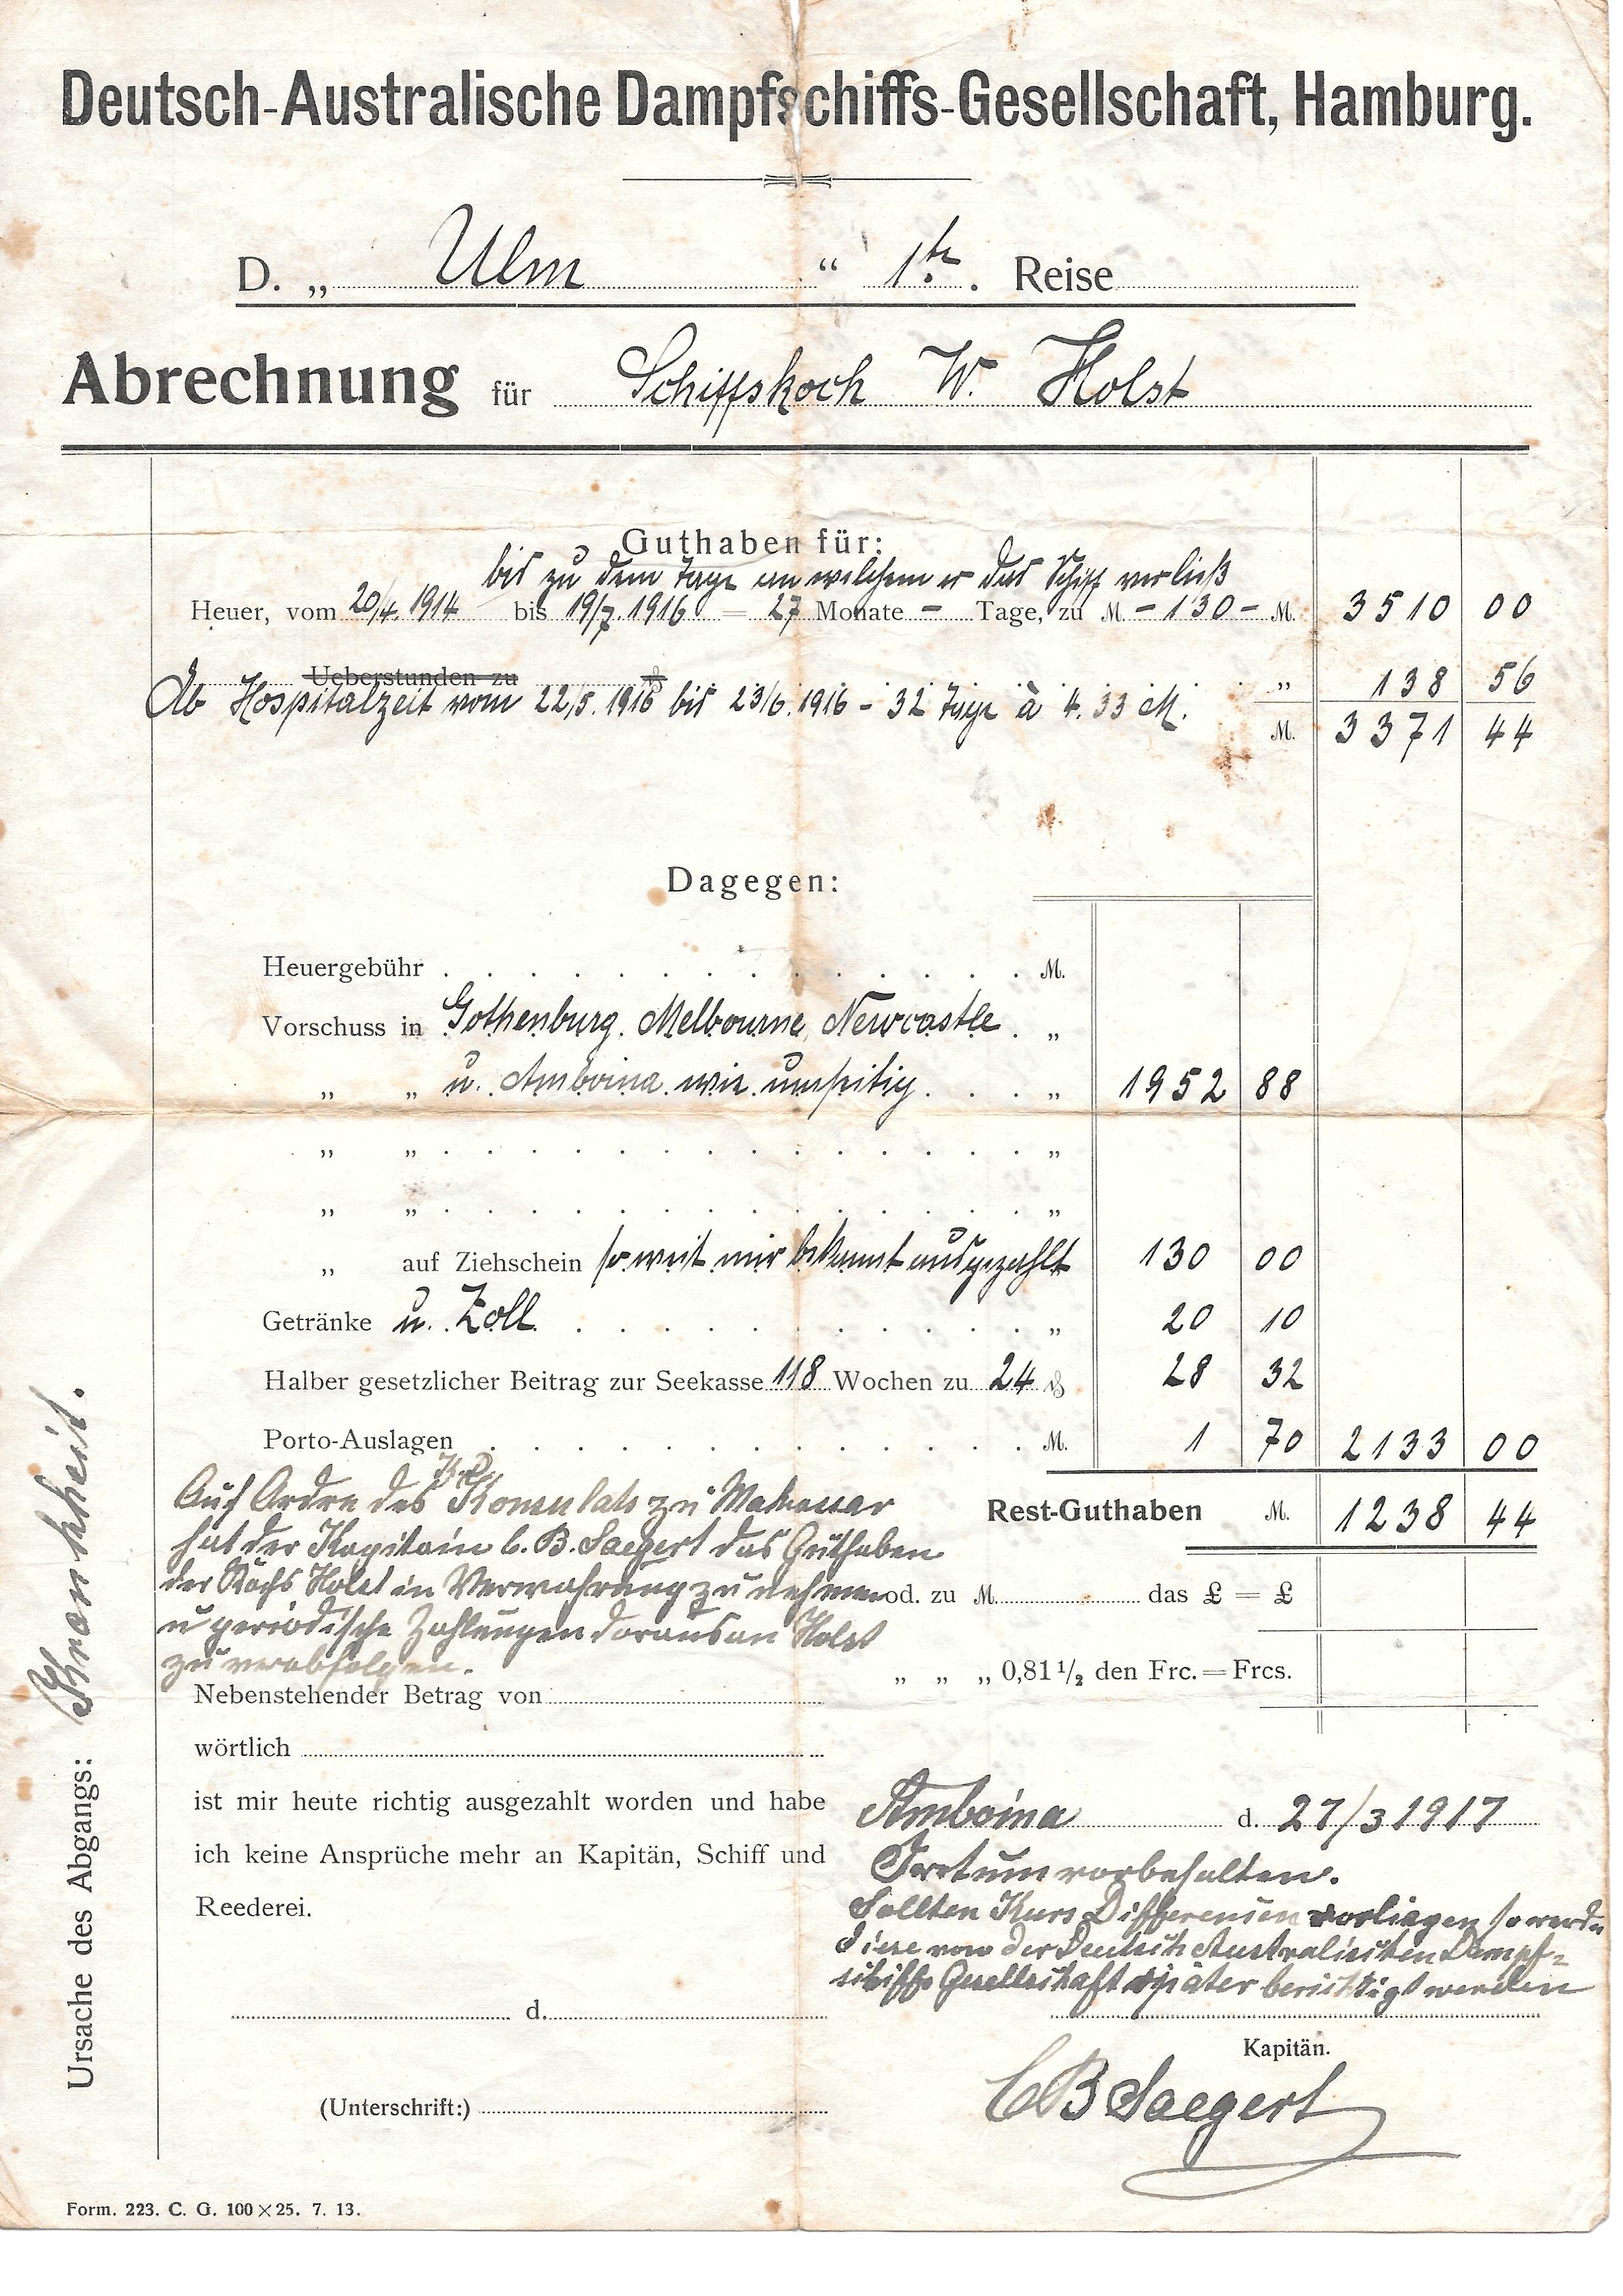 Wilhelm Holst, Schiffskoch